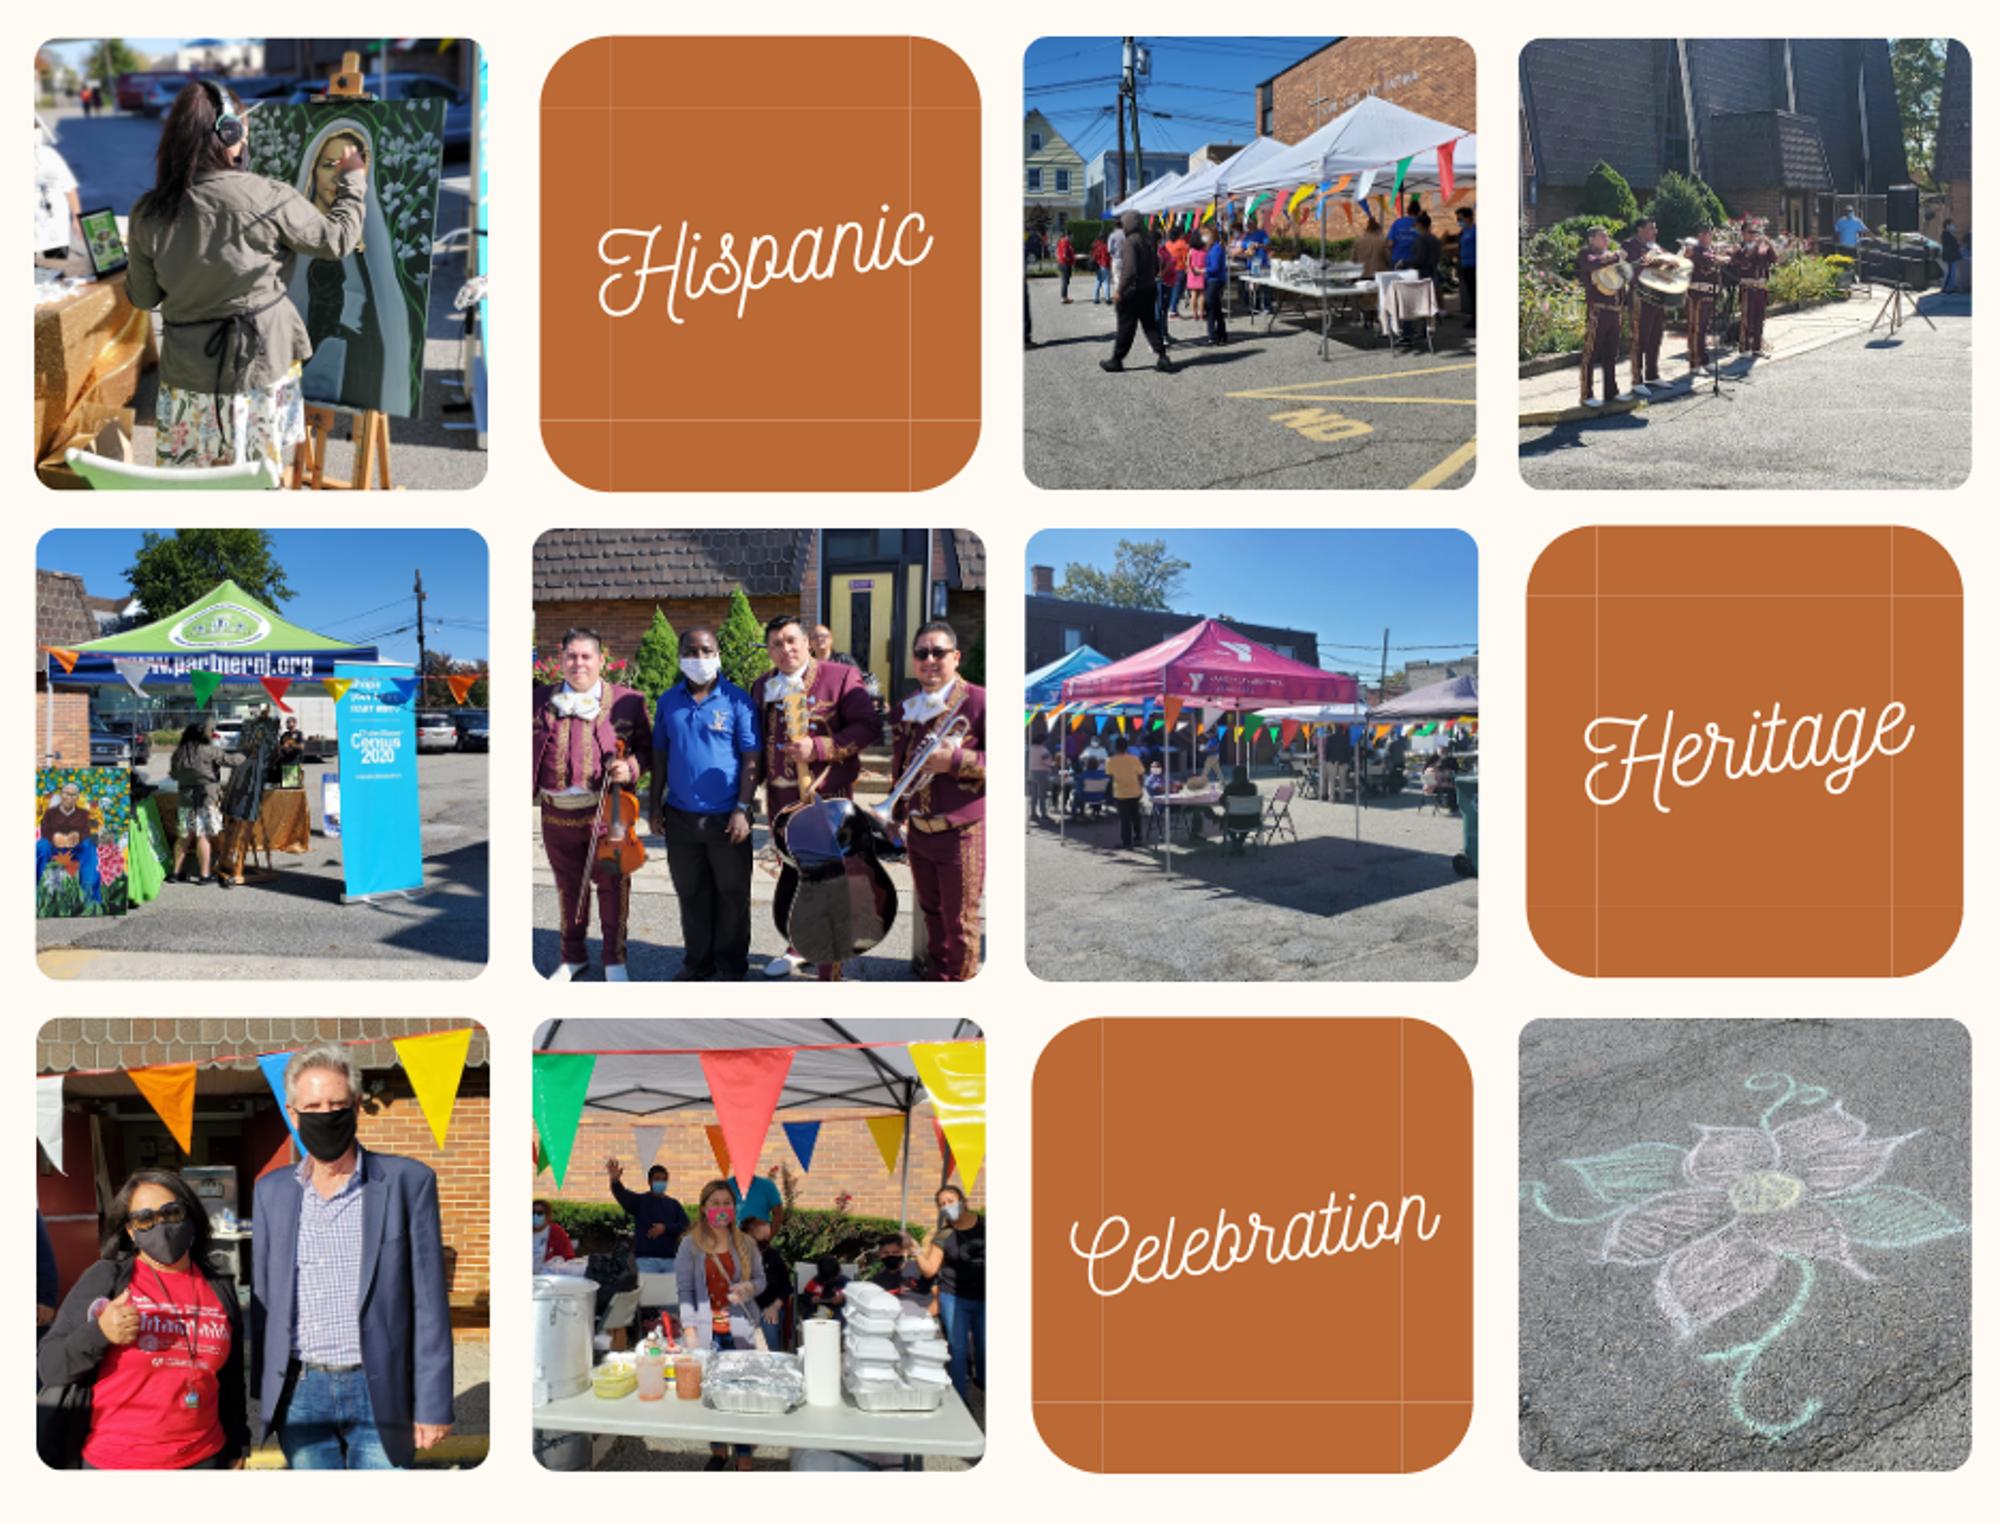 Hispanic Heritage Celebration October 2020